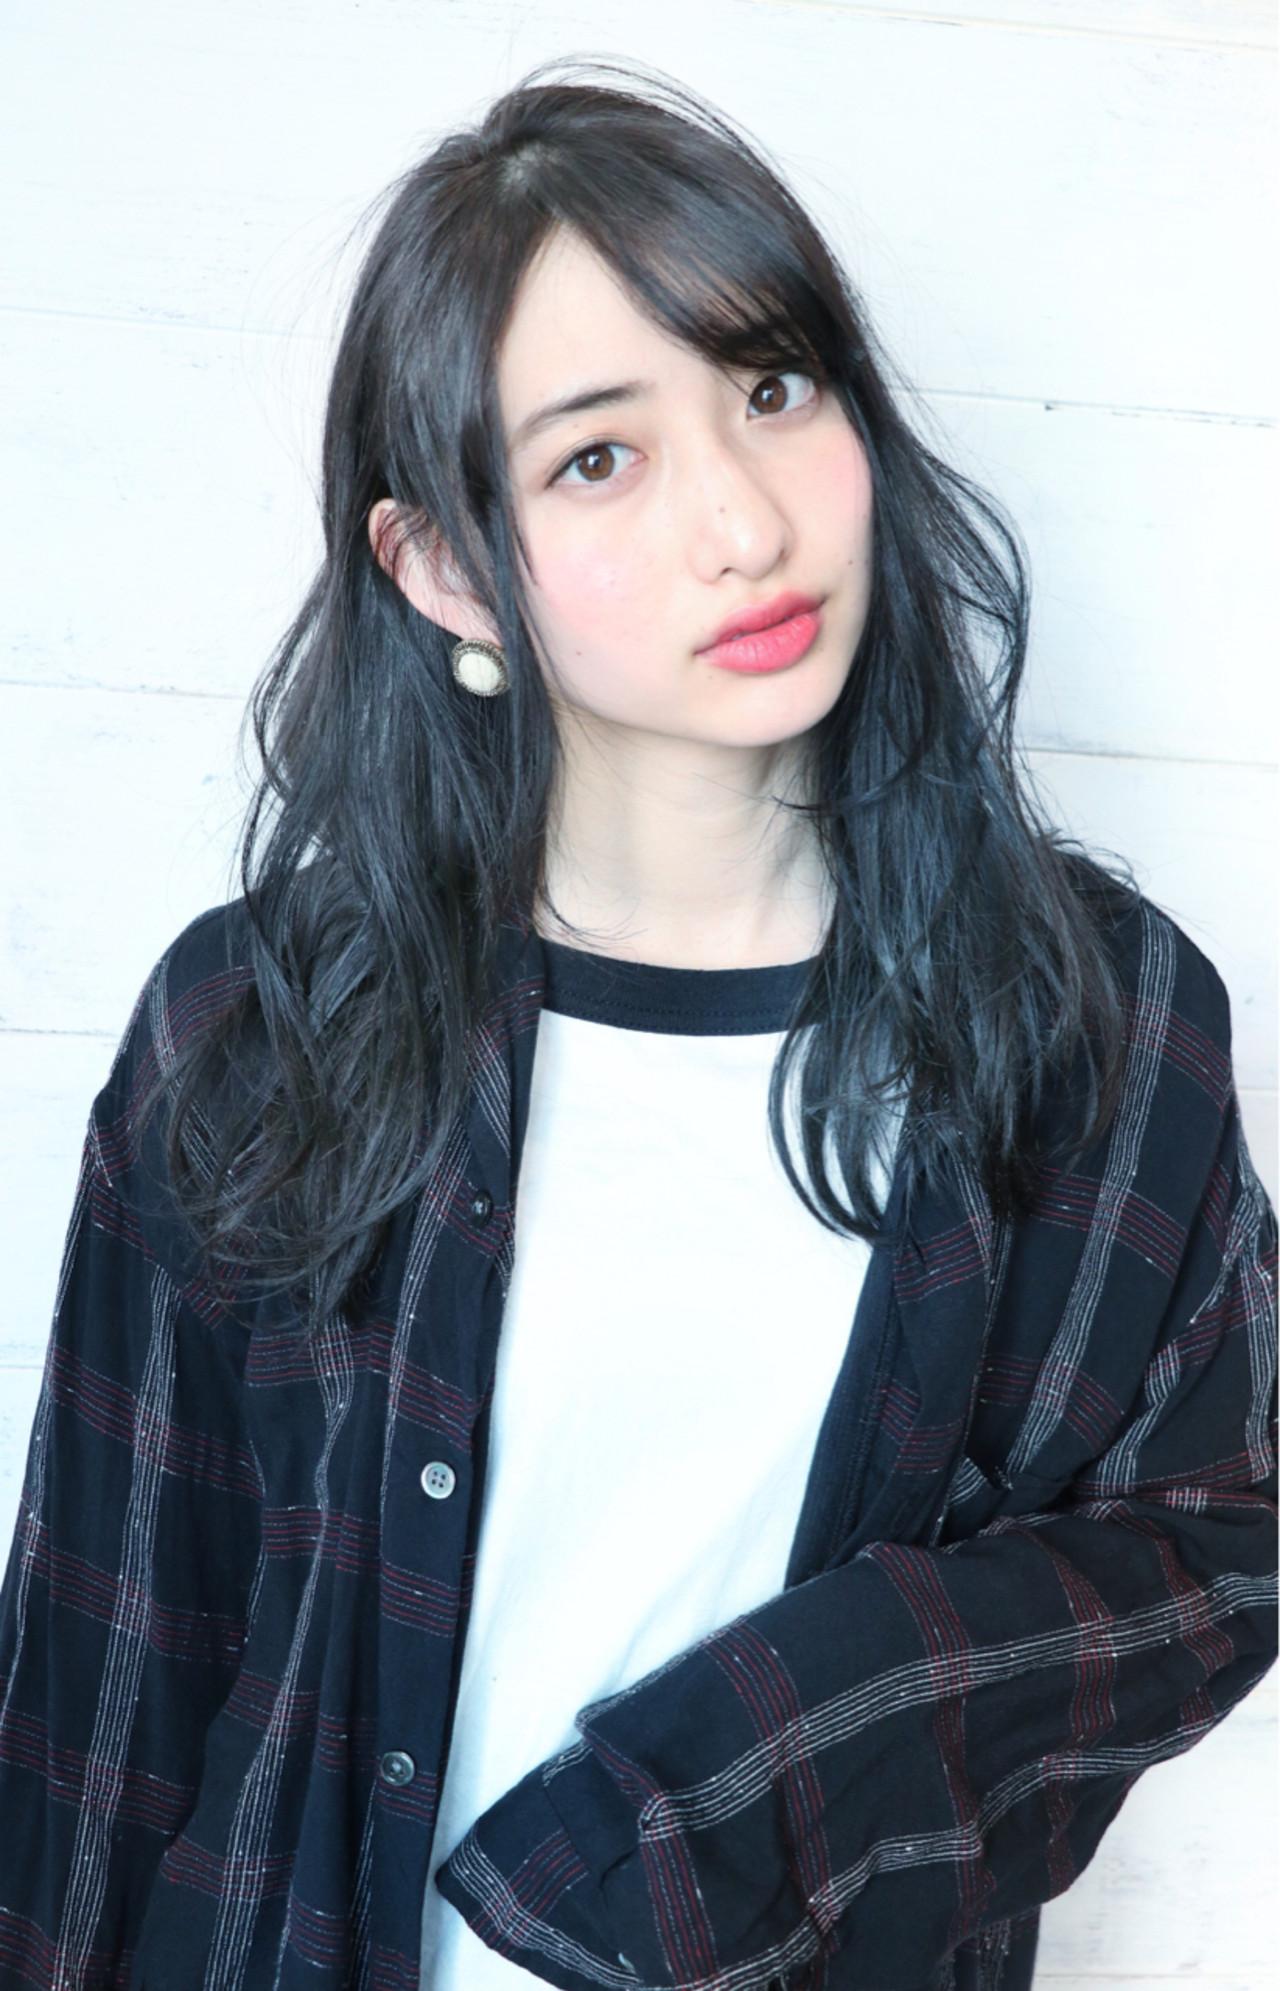 Aラインシルエットと柔らか質感が可愛いミディアム 浦野 陽介/joemi